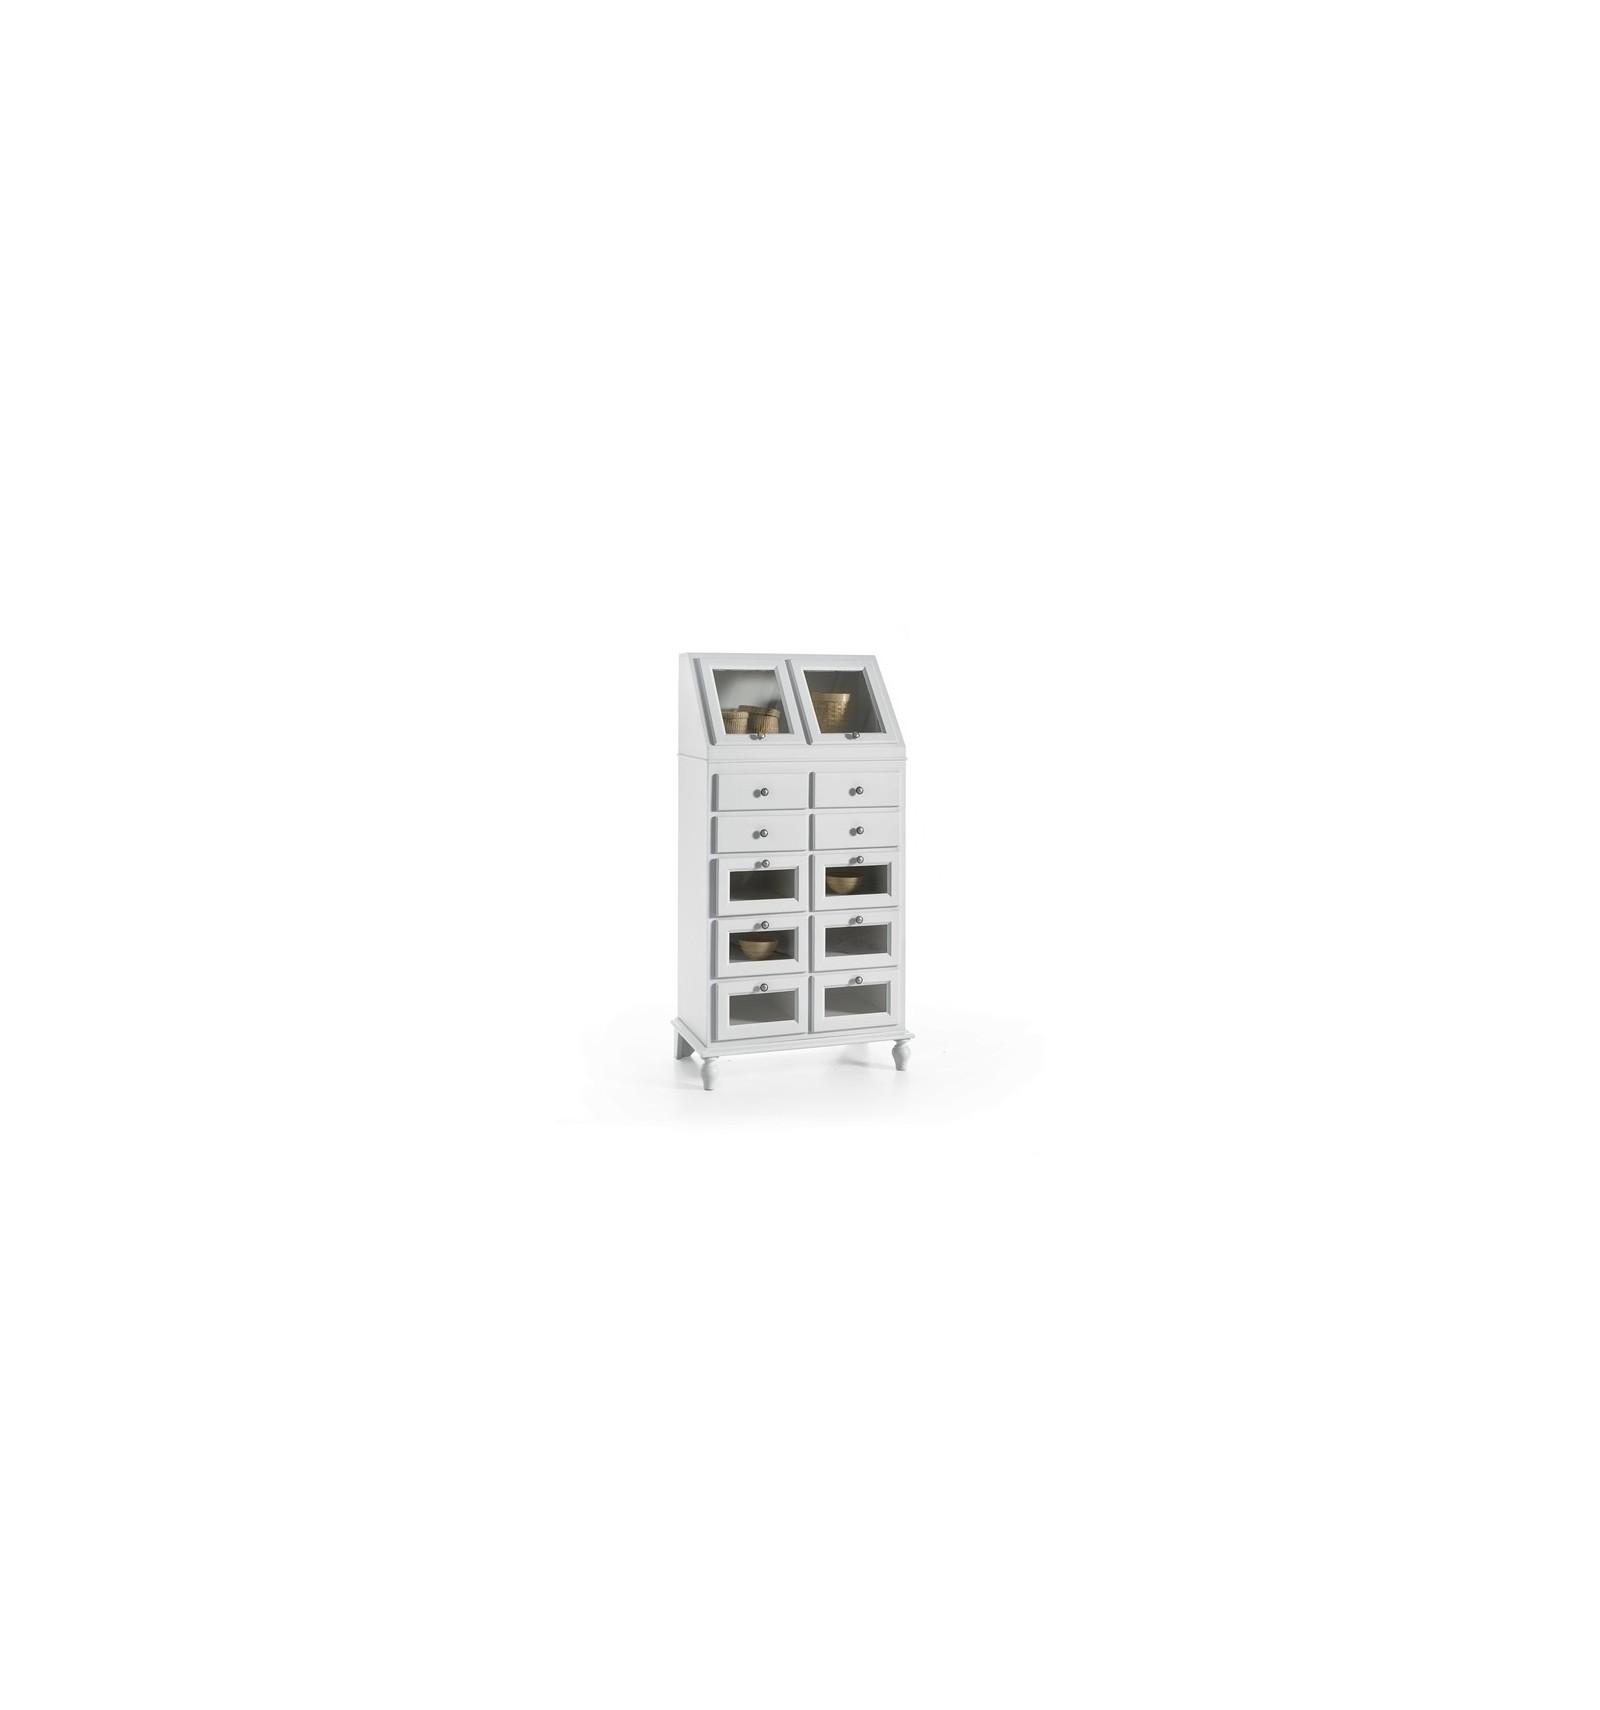 Dispensa da cucina 2 porte ribalta 10 cassetti laccata bianco W6058 ...